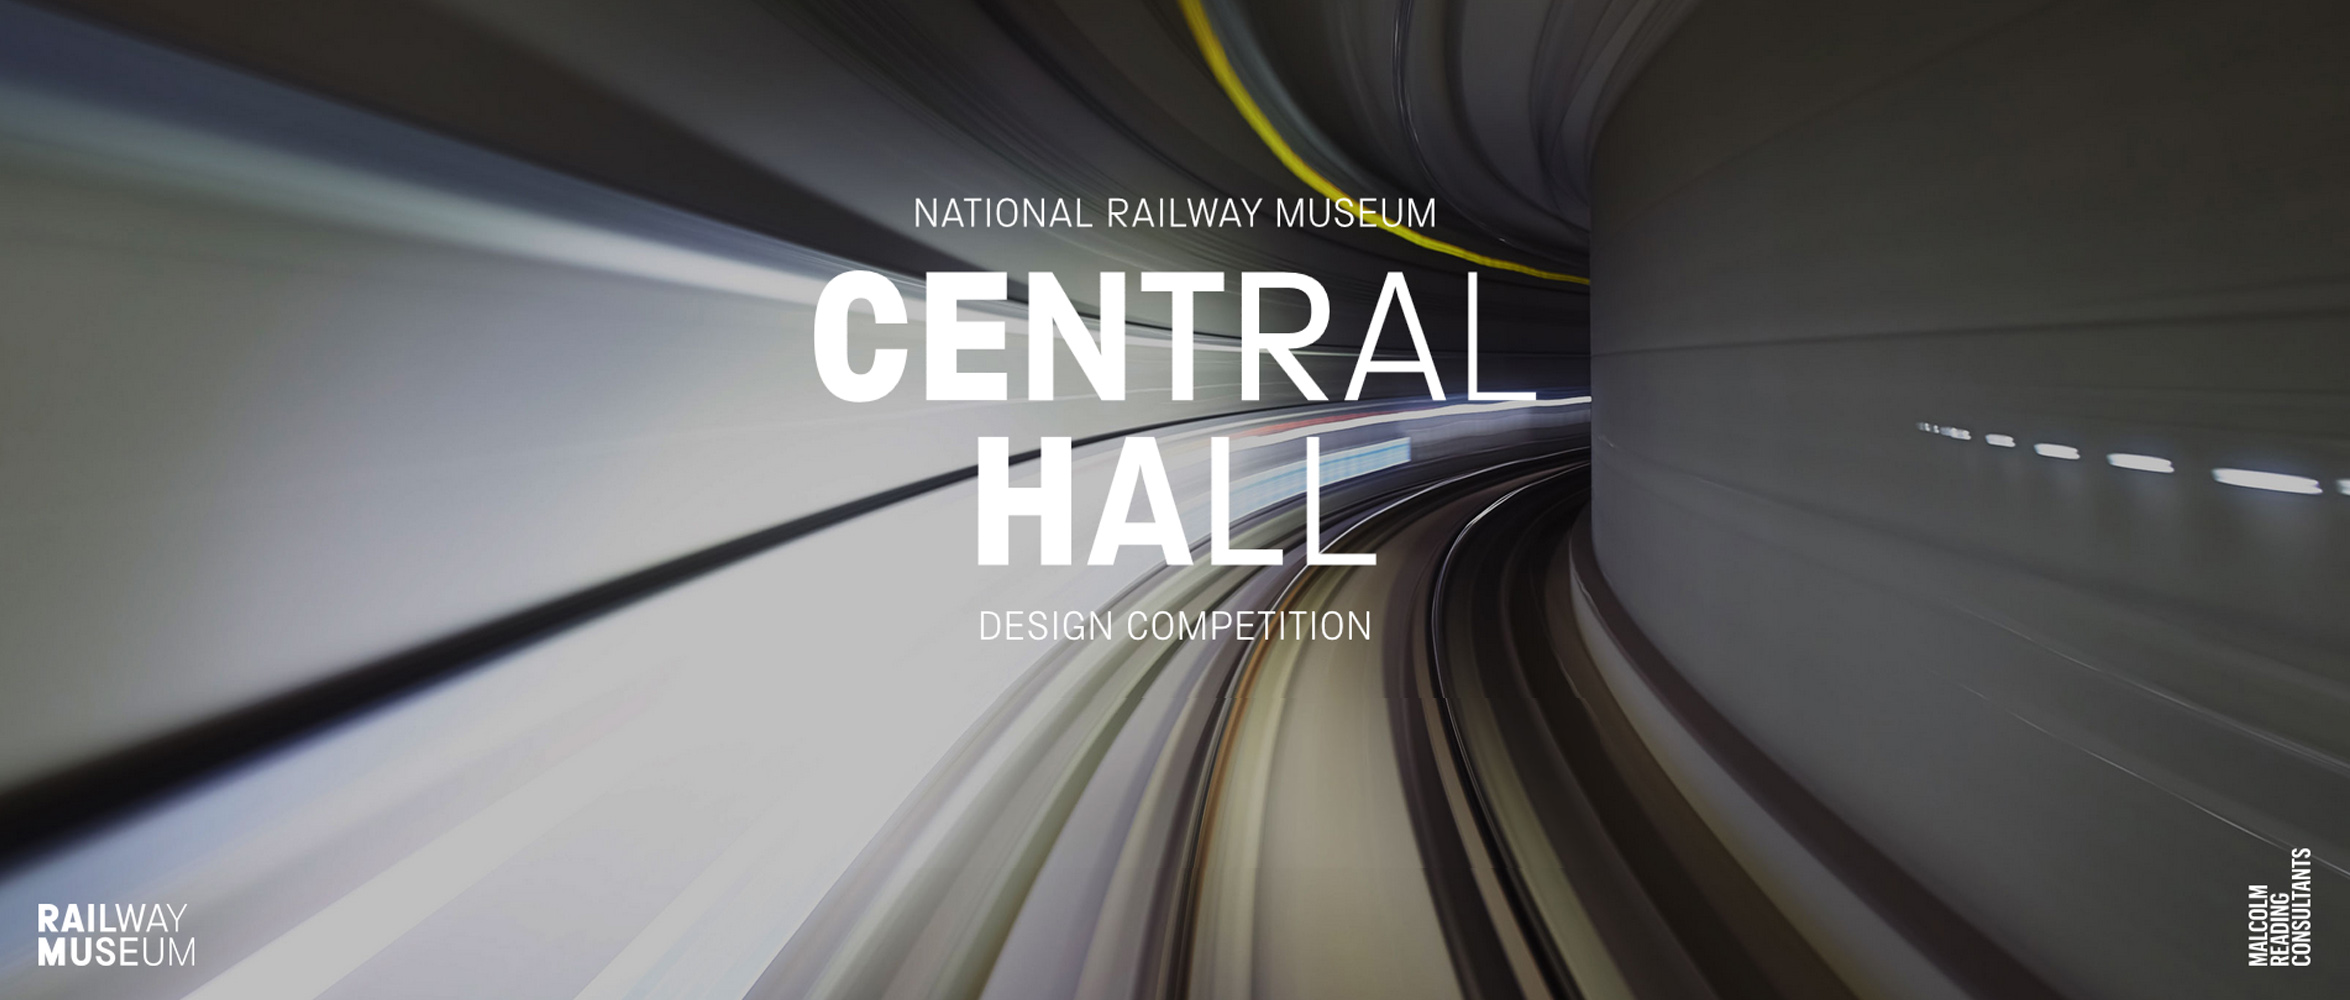 英国国家铁路博物馆中央大厅设计竞赛